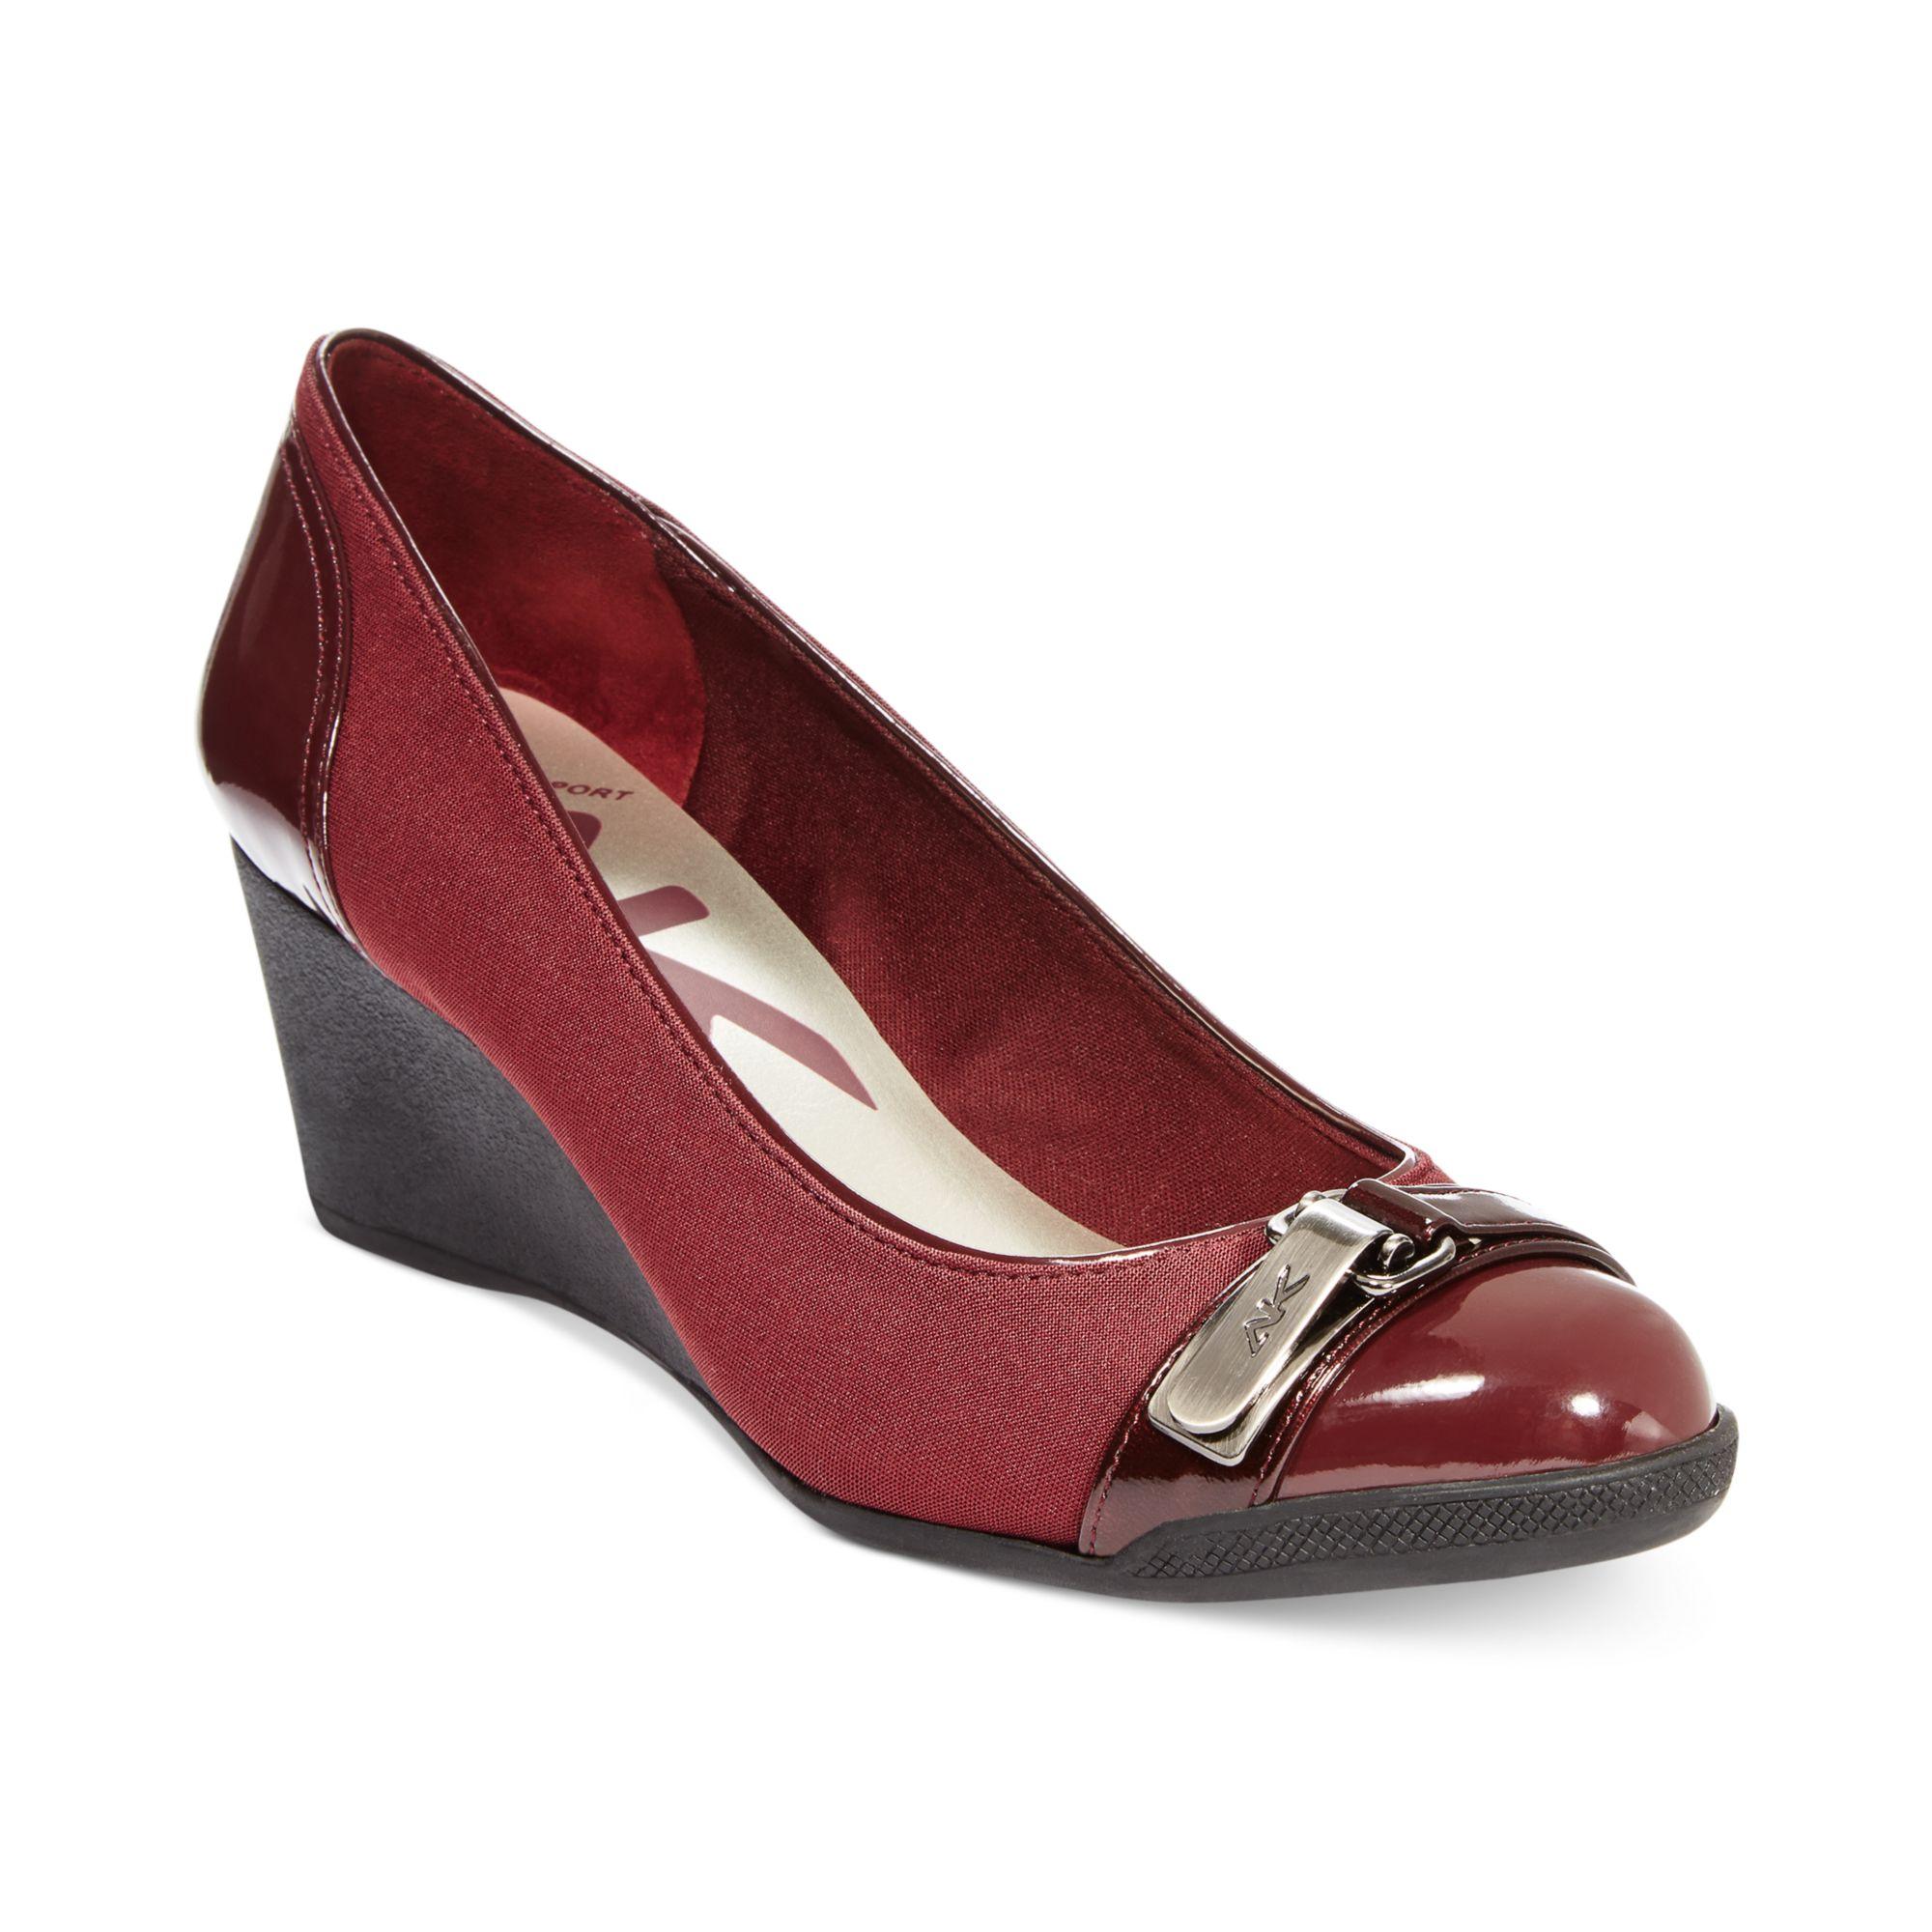 Anne Klein Wedge Heel Shoes